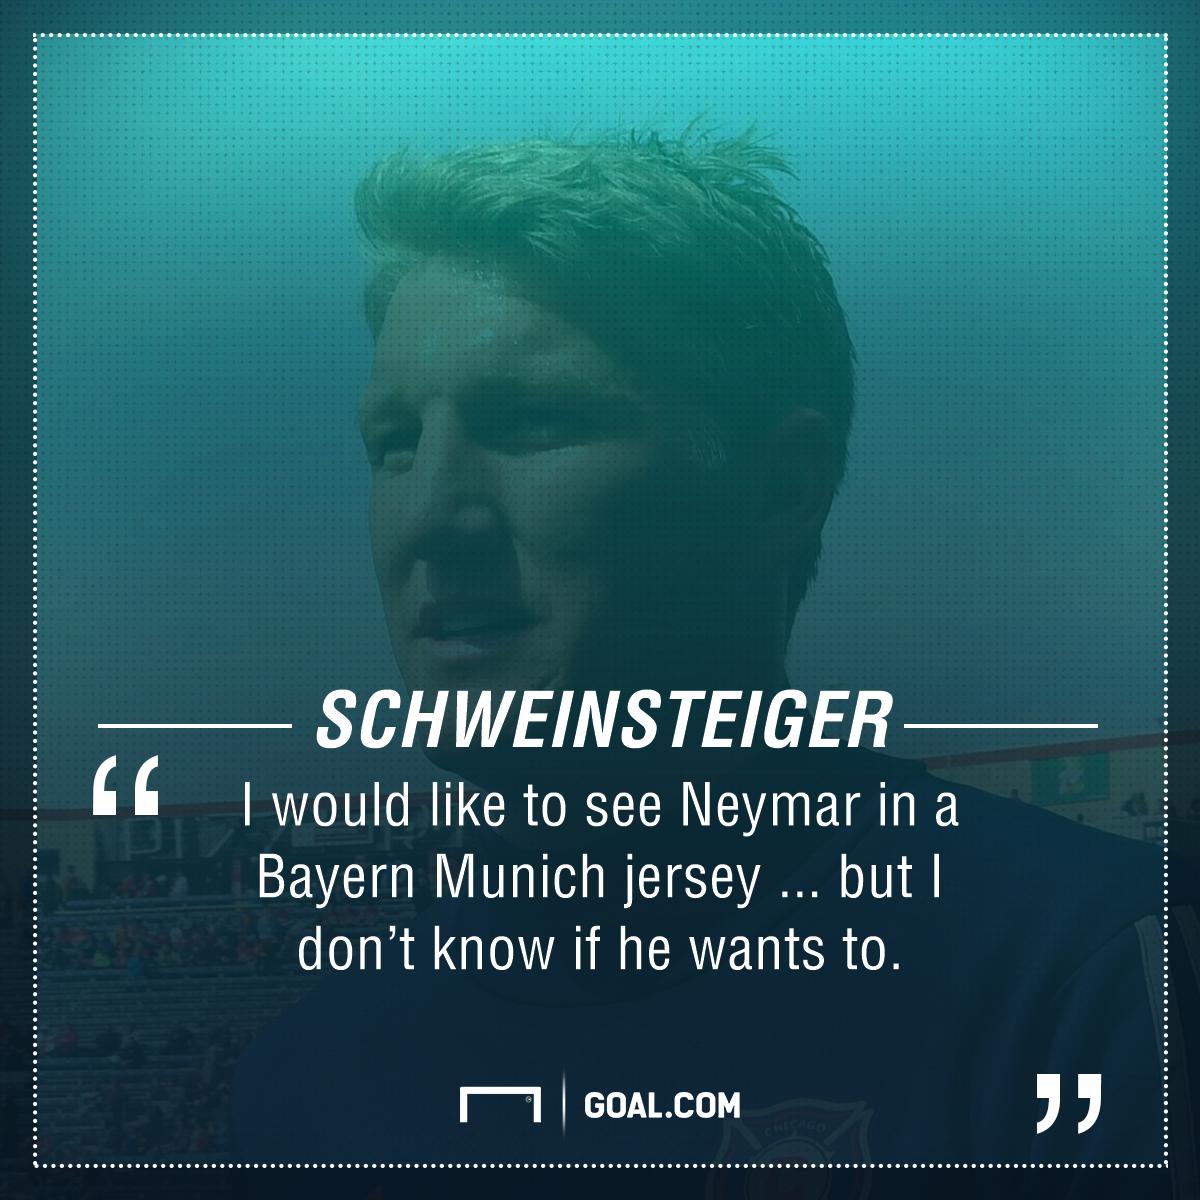 Bastian Schweinsteiger quote 05032017